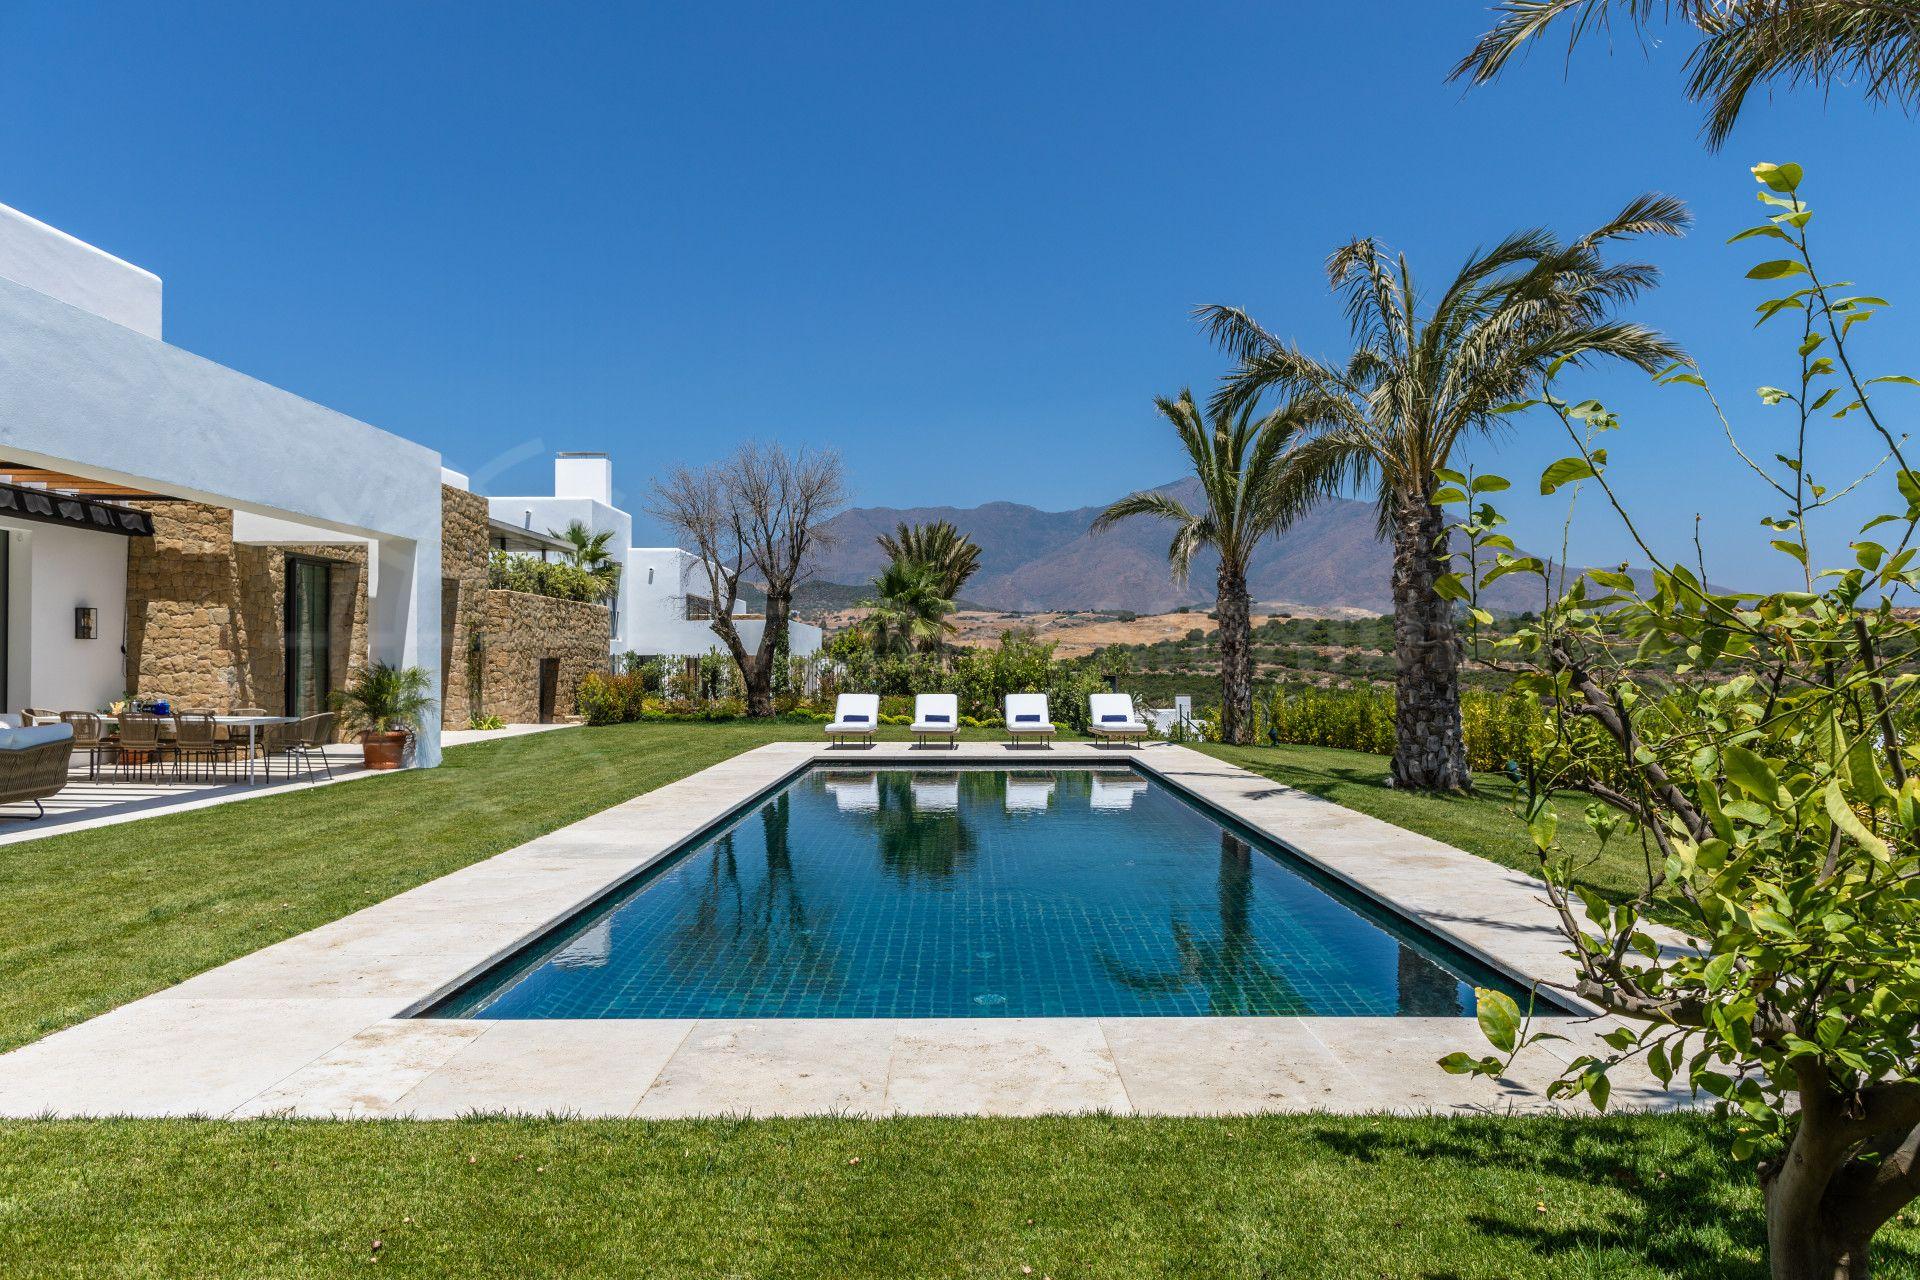 Finca Cortesin: La quintessence de l'Andalousie dans ce qu'elle a de plus luxueux